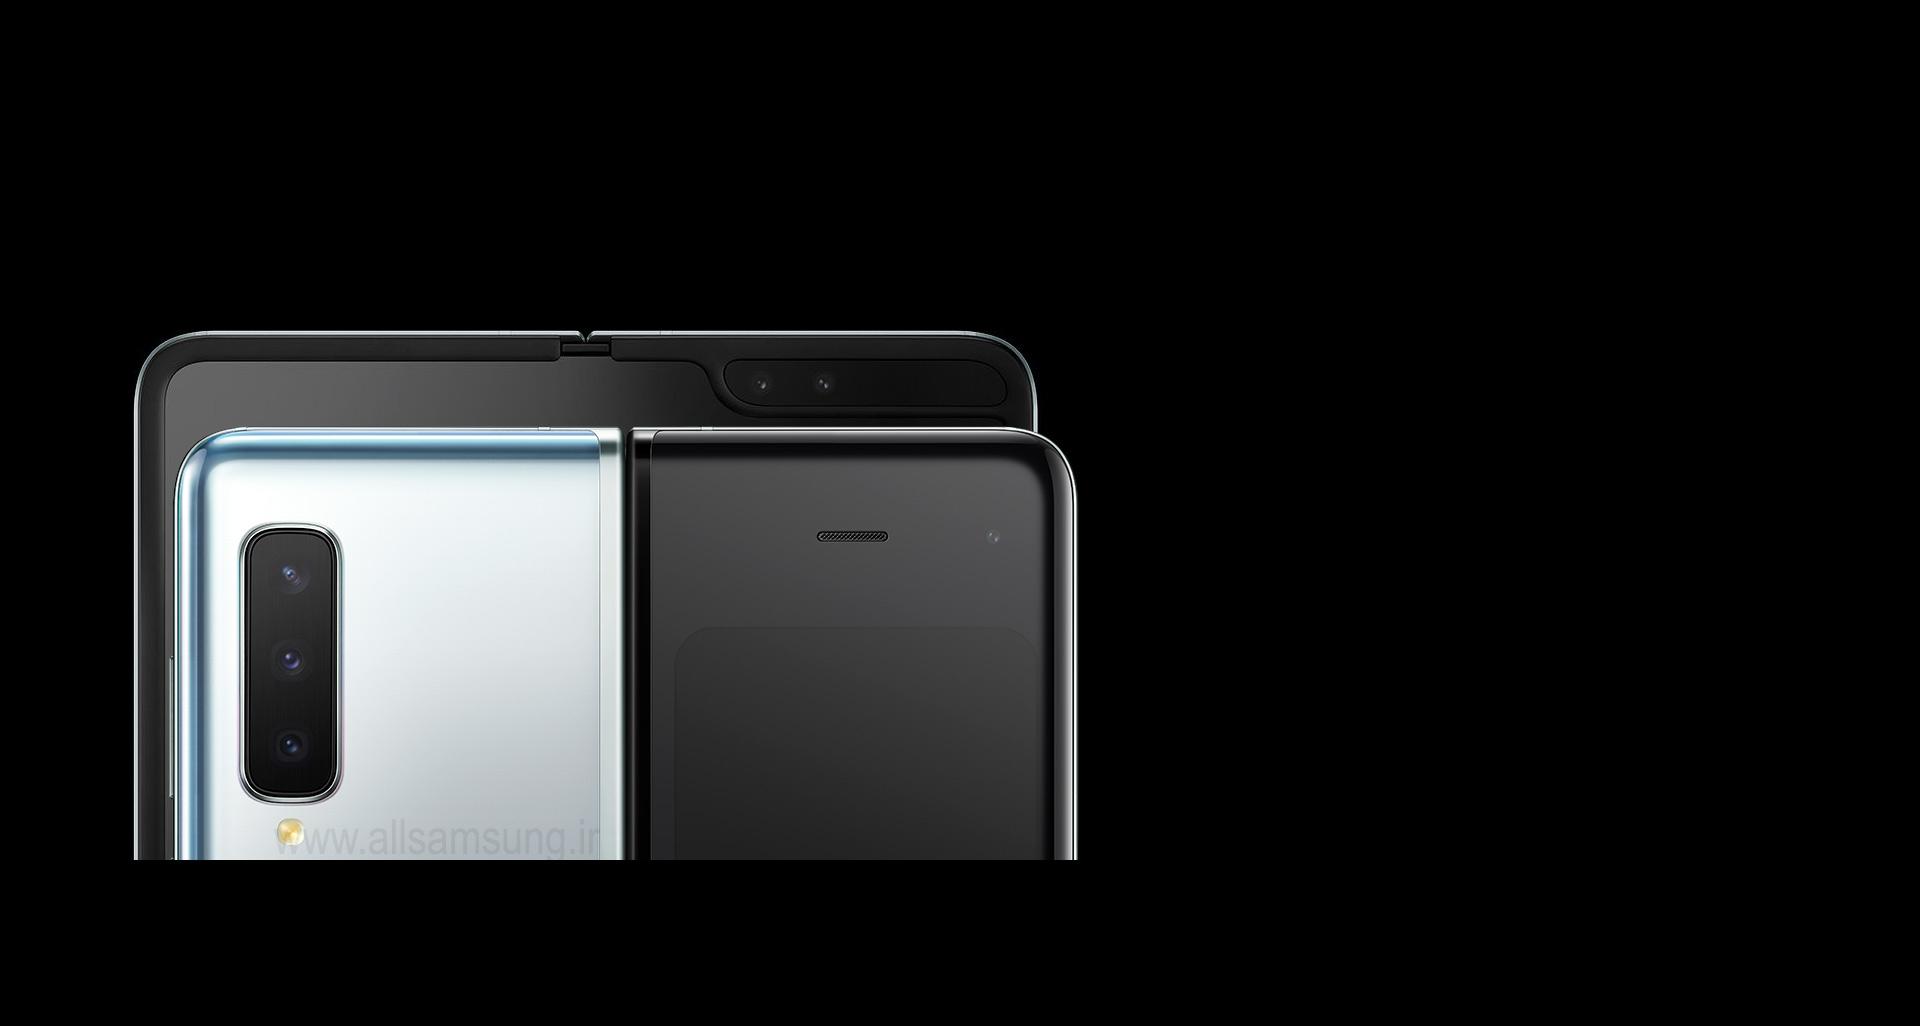 با Galaxy Fold عکس های حرفه ای بگیرید!